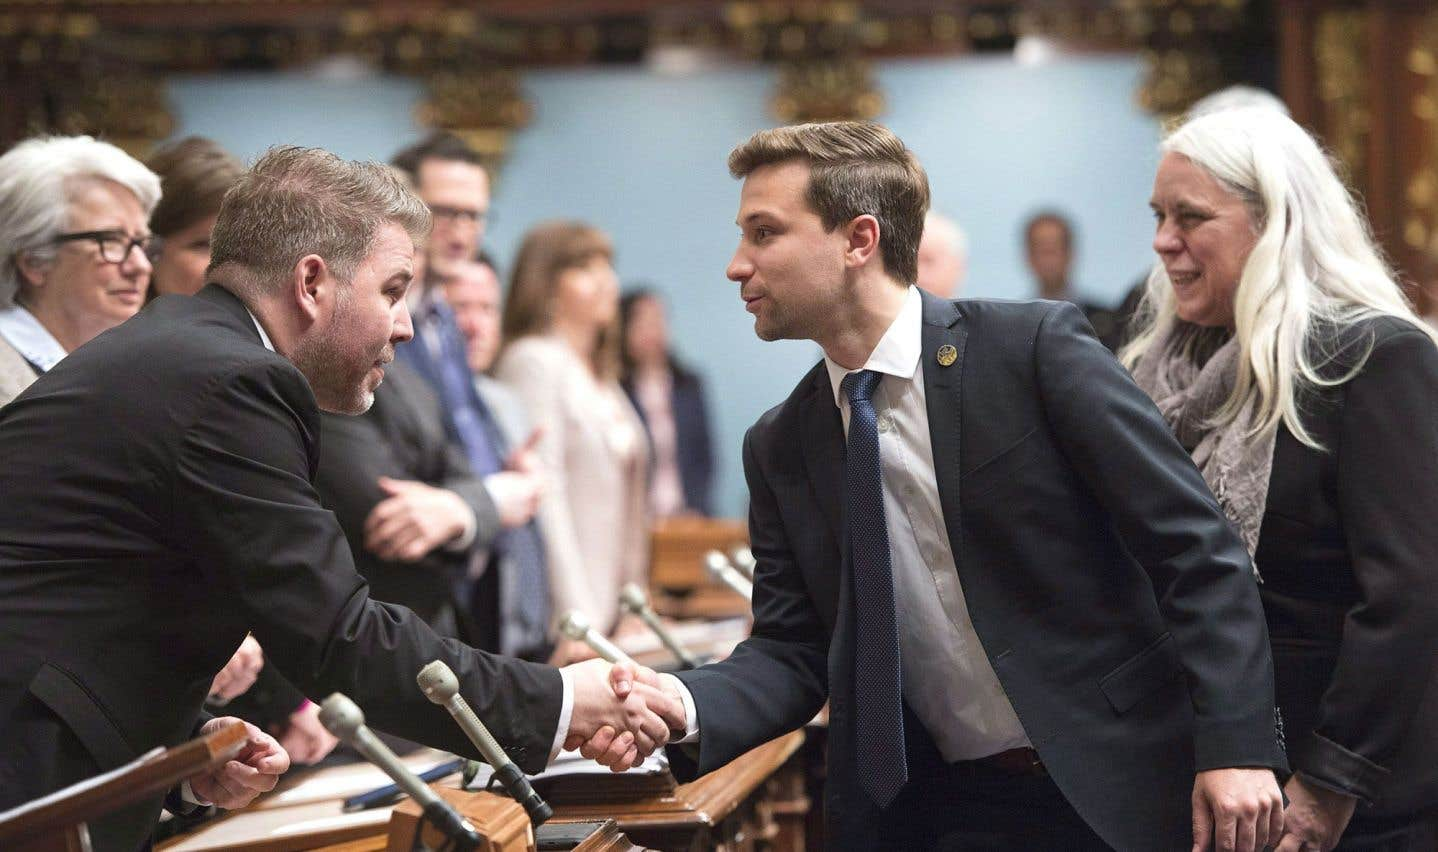 Le député Nadeau-Dubois fait ses premiers pas à l'Assemblée nationale